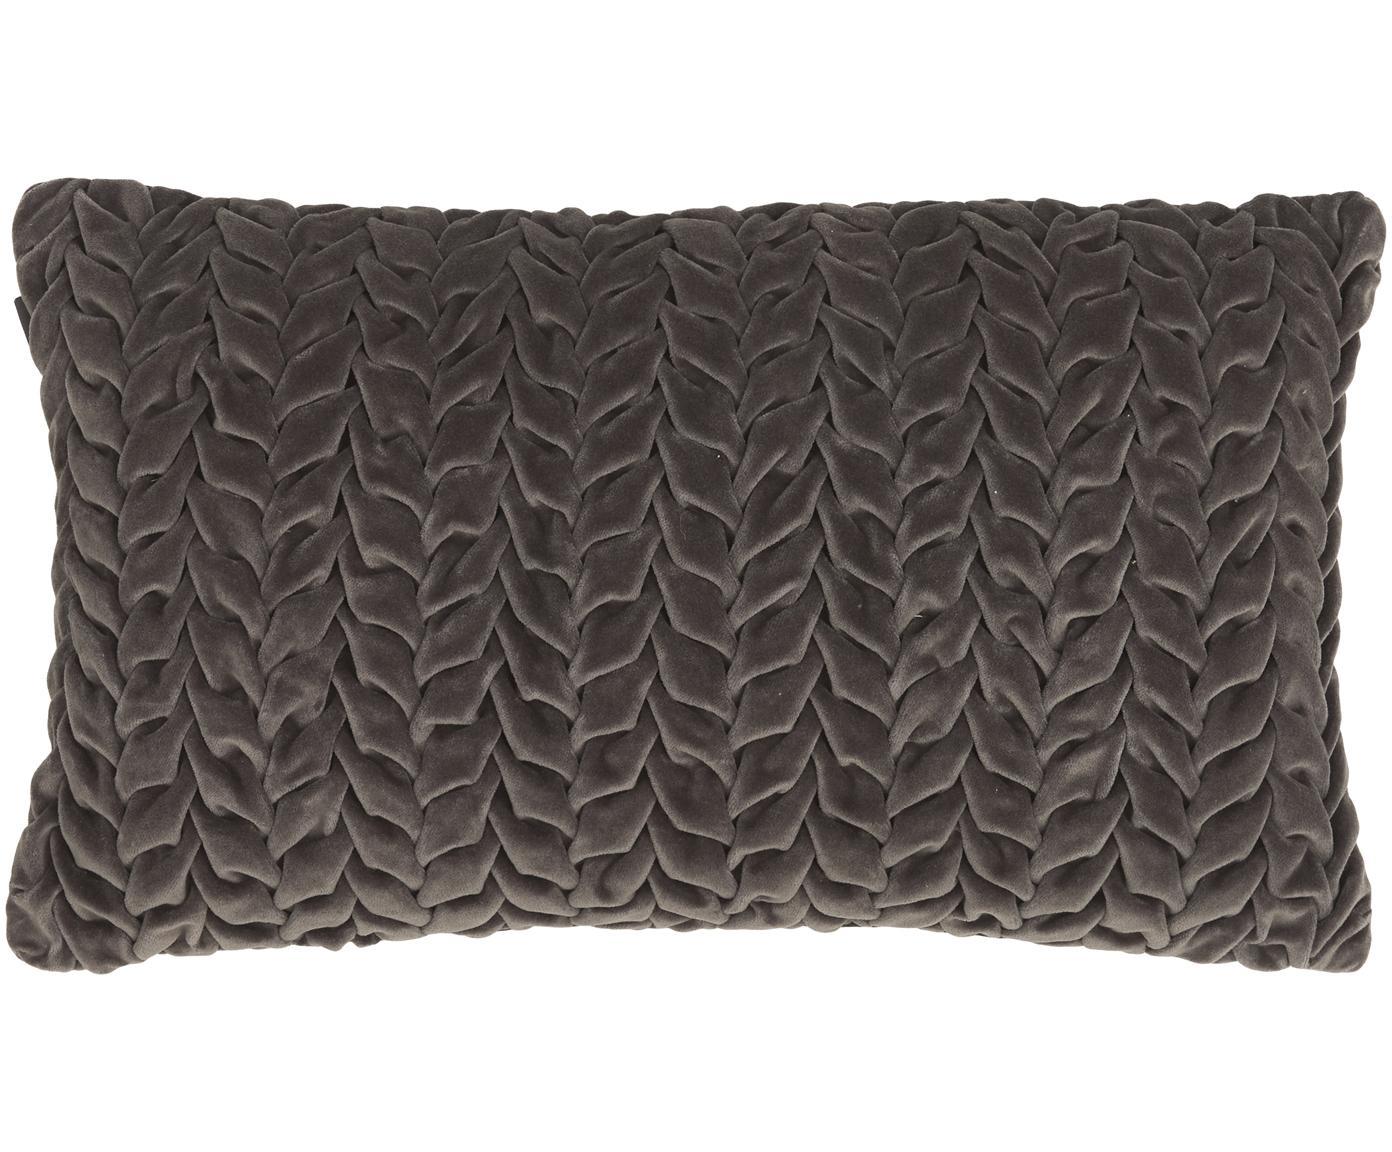 Samt-Kissen Smock mit geraffter Oberfläche, mit Inlett, Bezug: 100% Baumwollsamt, Grau, 30 x 50 cm